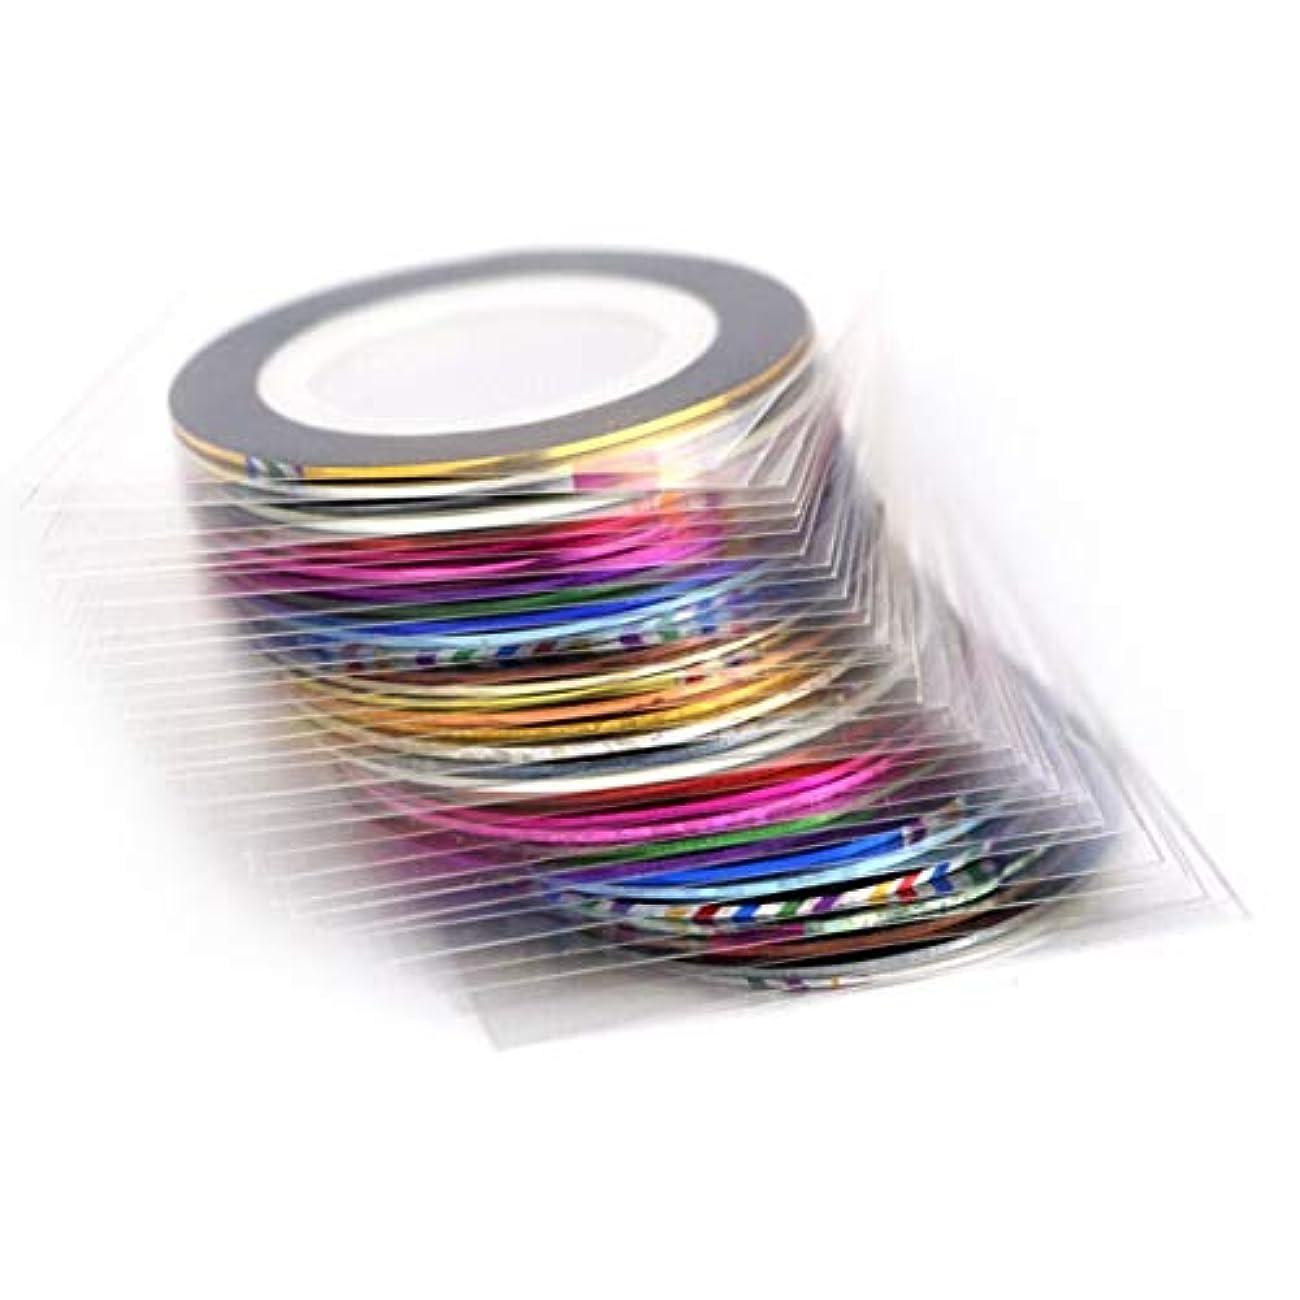 カウンタ芝生スロベニアバードランタンネイルゴールドスレッドペースト色付きドローイングライン接着テープネイルステッカー10色20色30色